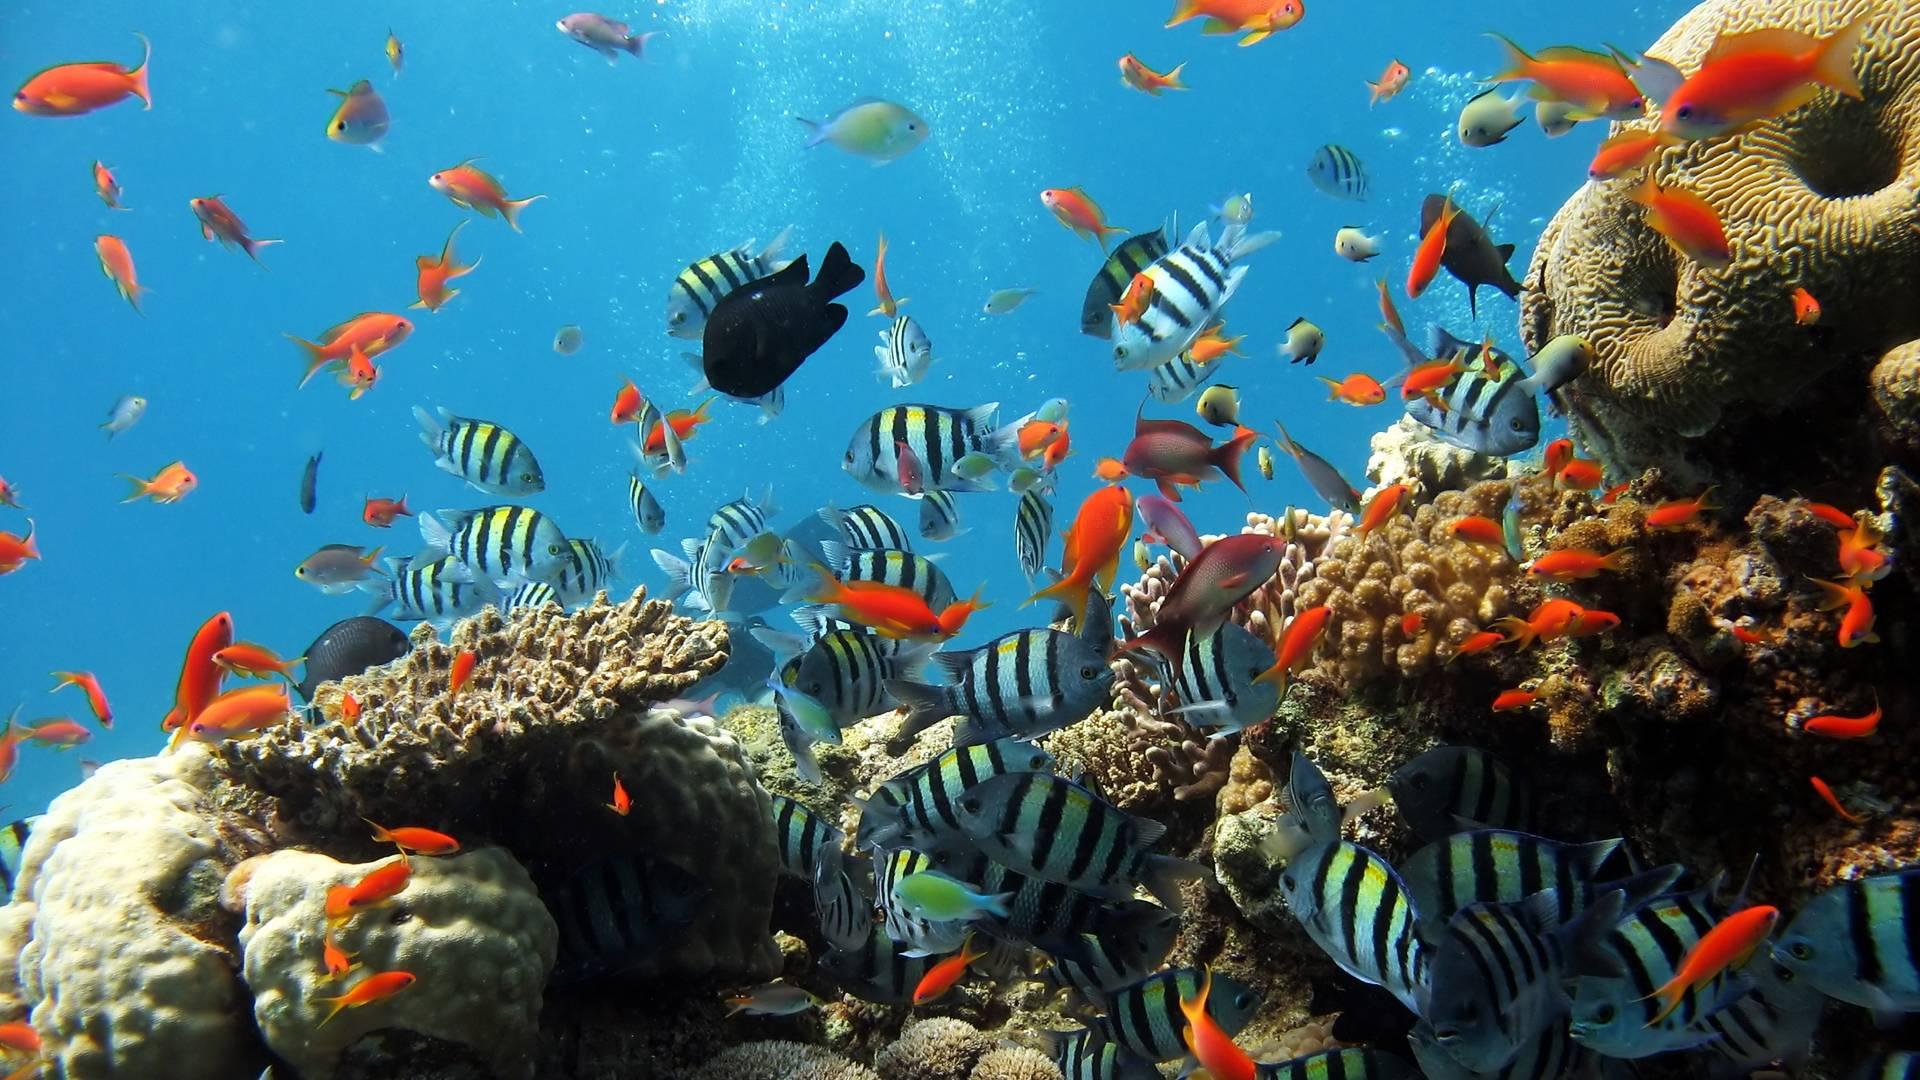 Hd wallpaper underwater - Wallpapers For Hd Wallpaper Widescreen Underwater